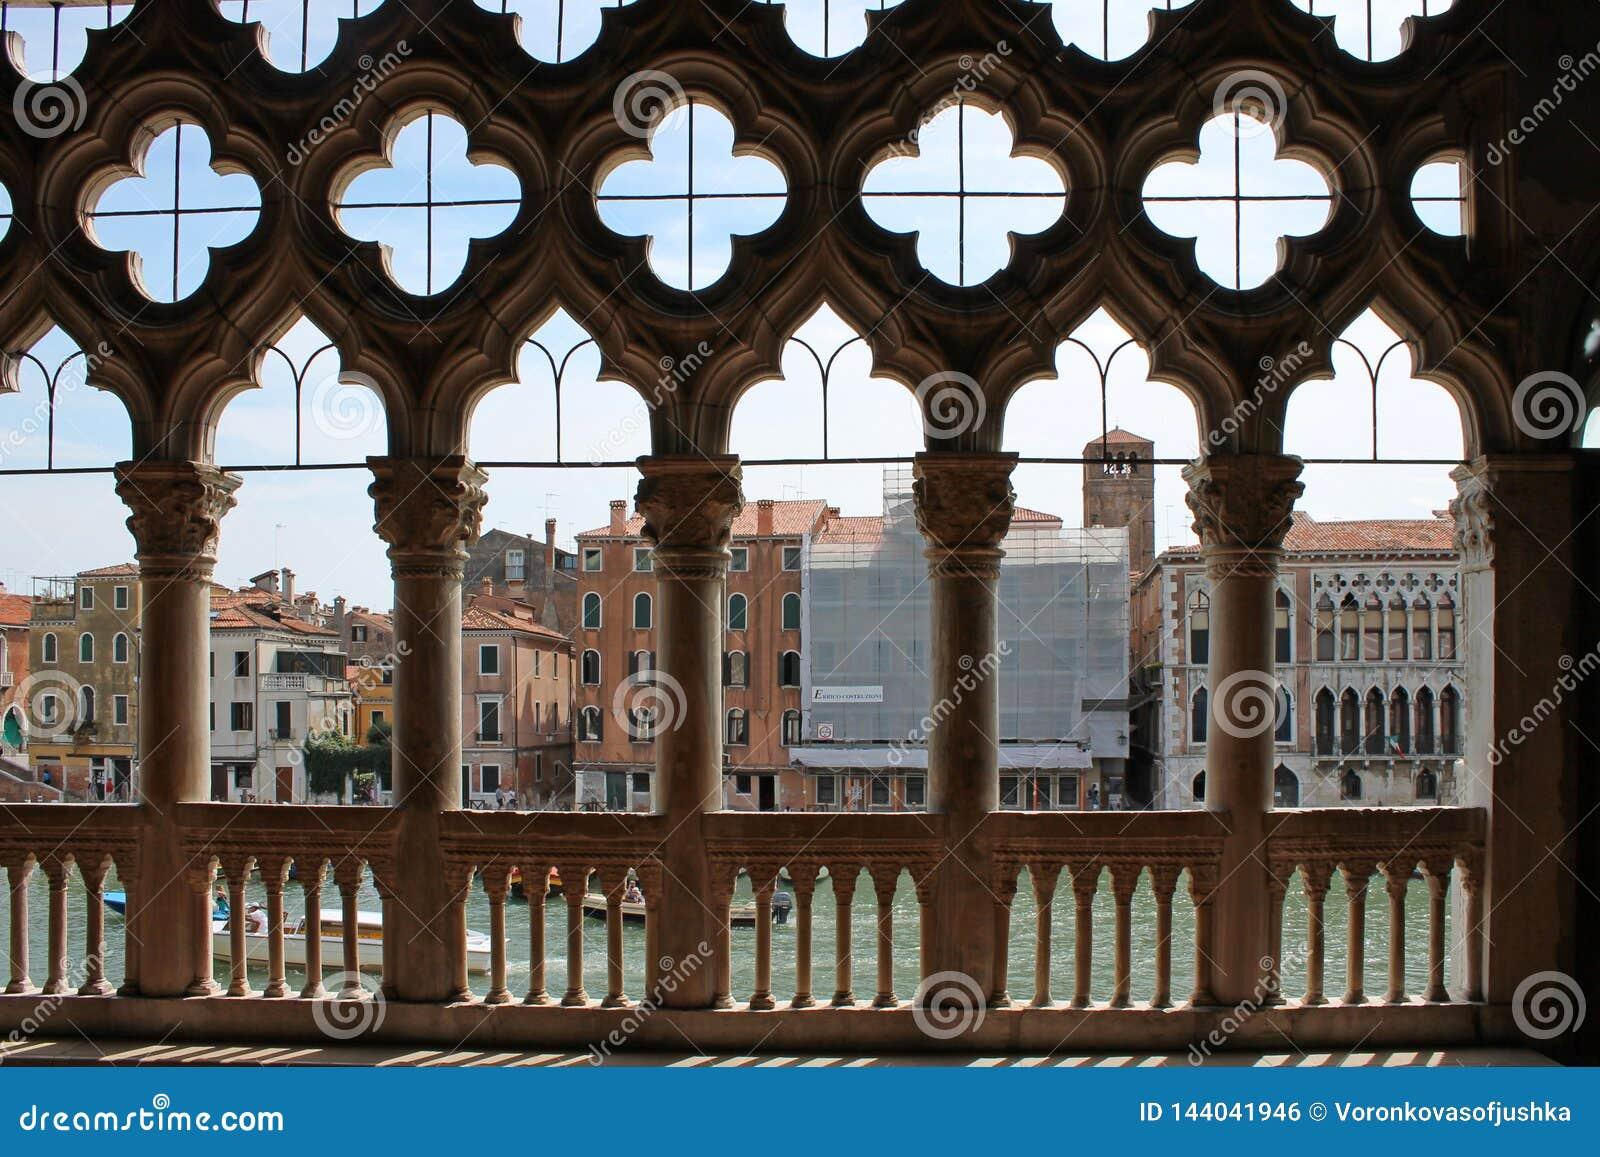 Взгляд большого канала Венеции через высекаенную белую каменную решетку дворца